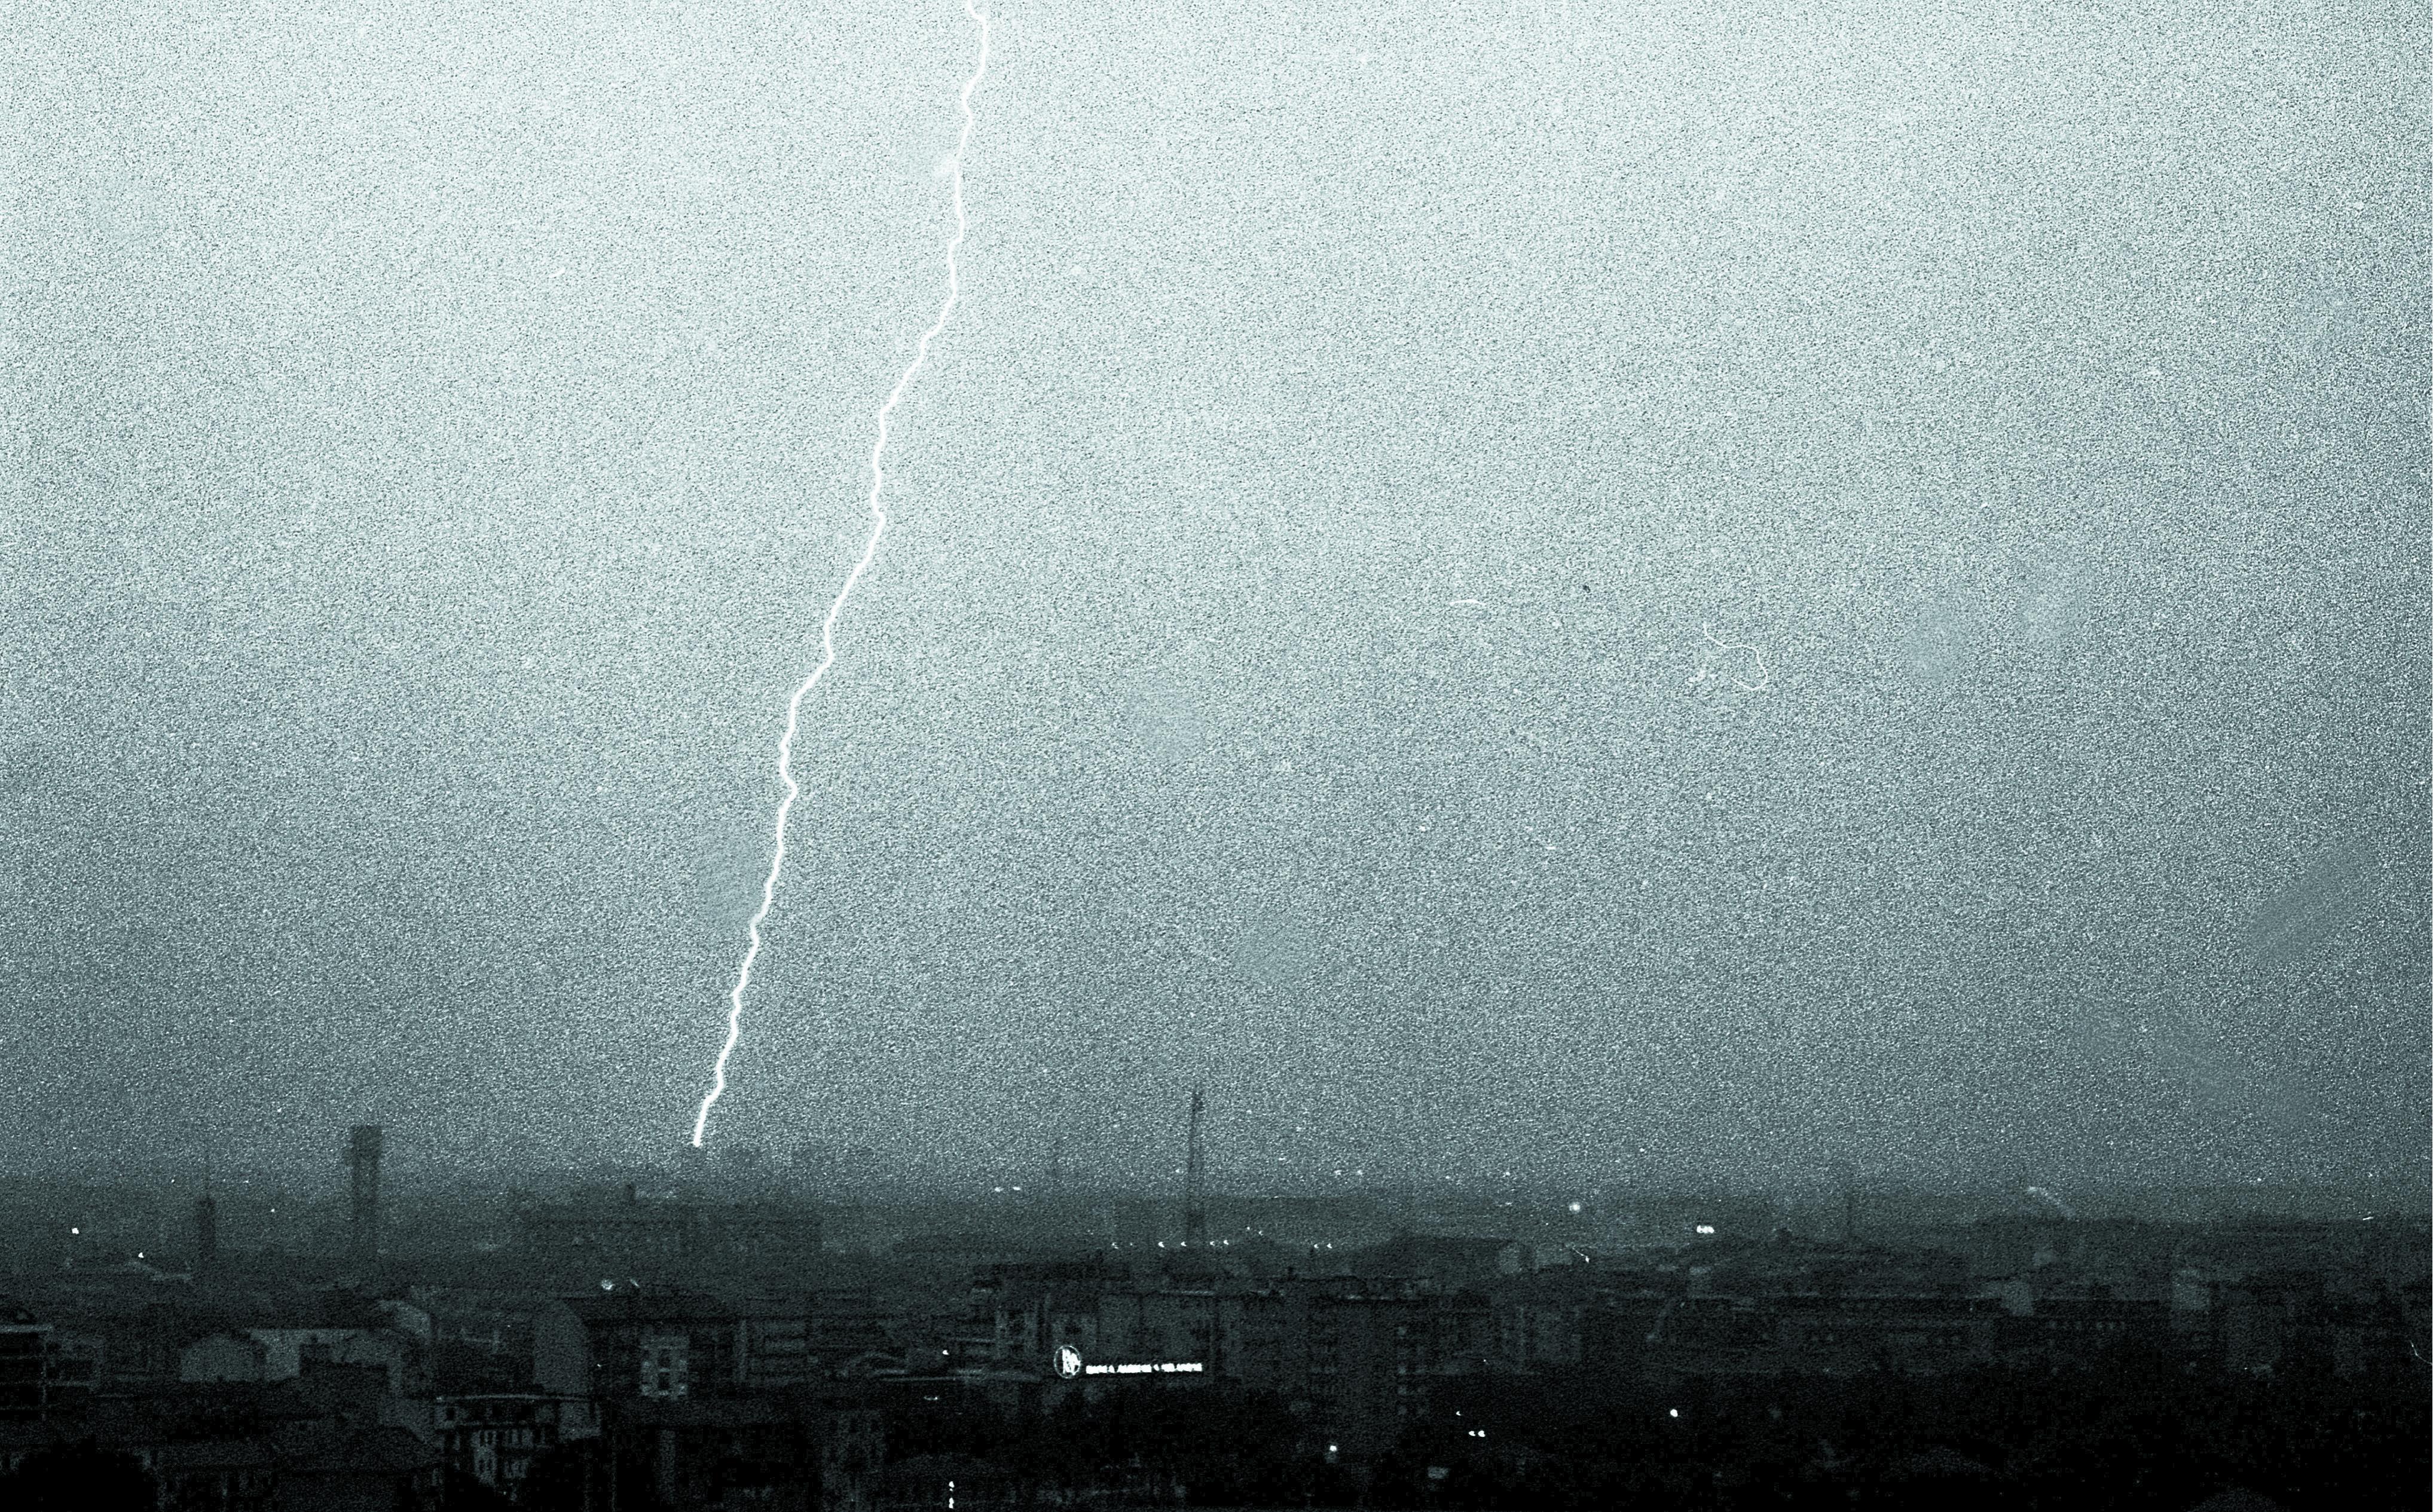 Maltempo, ilMeteo.it: allerta ma non allarmismi sulle perturbazioni